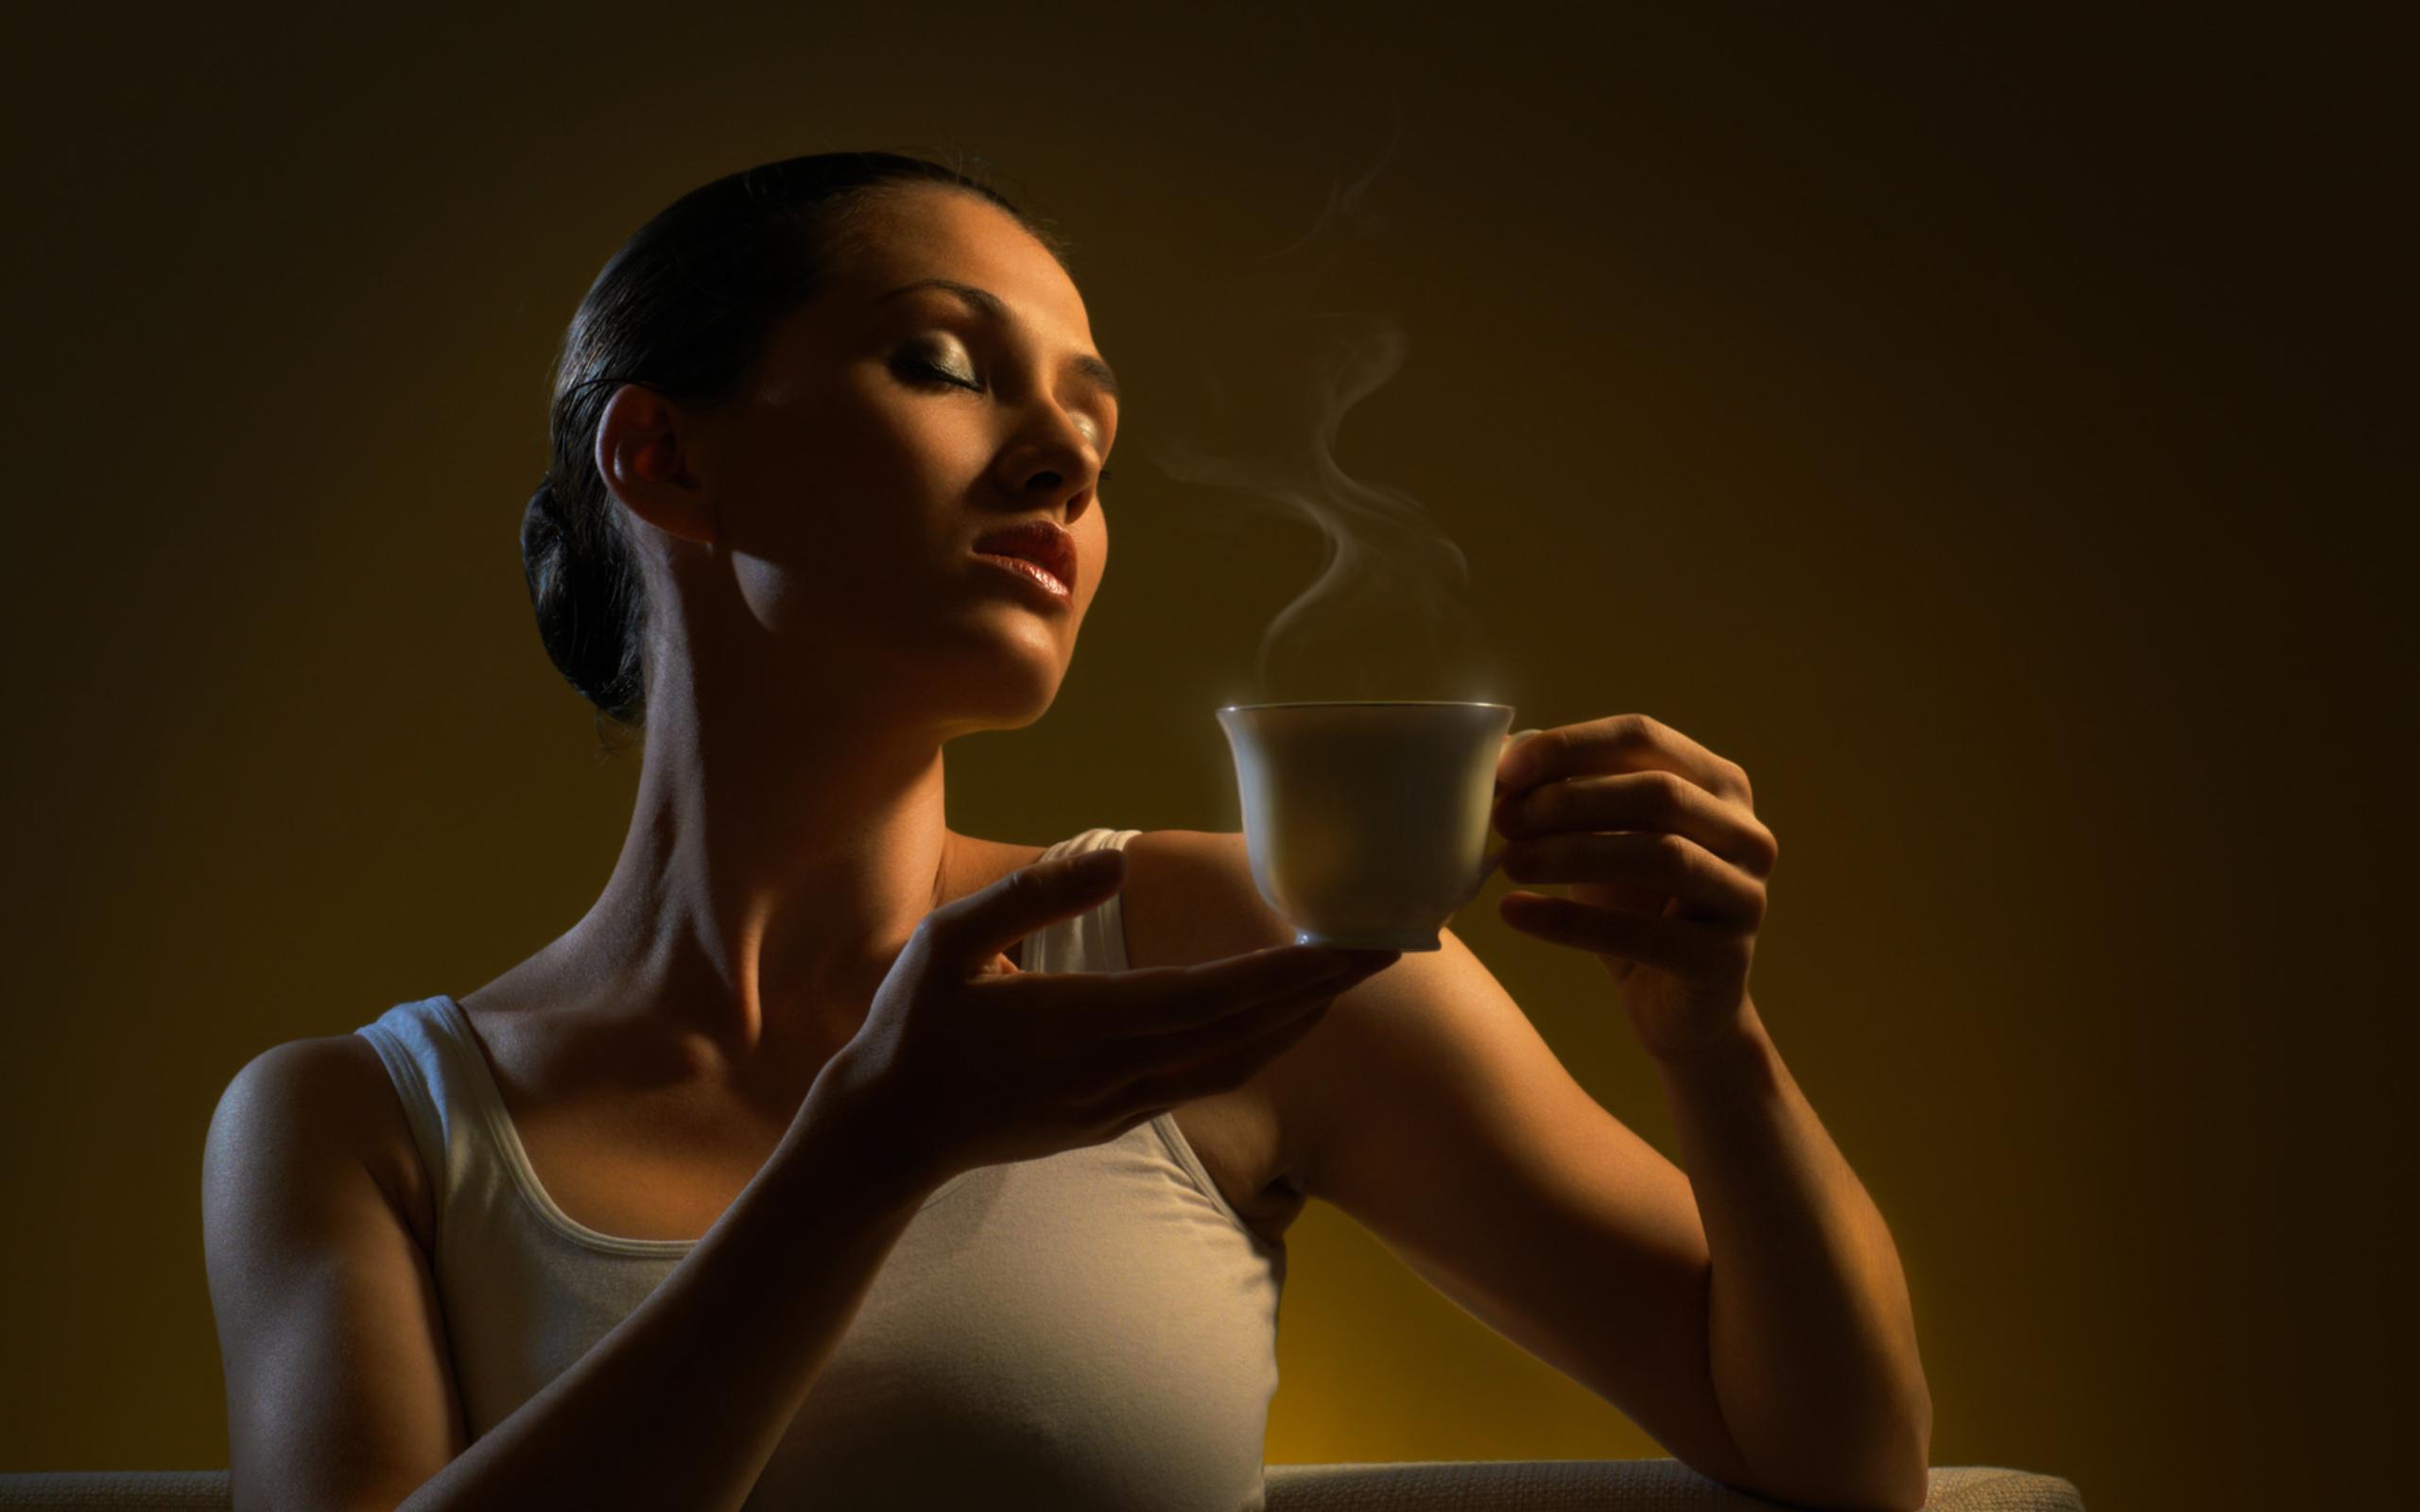 Девушка пьет кофе обои на рабочий стол